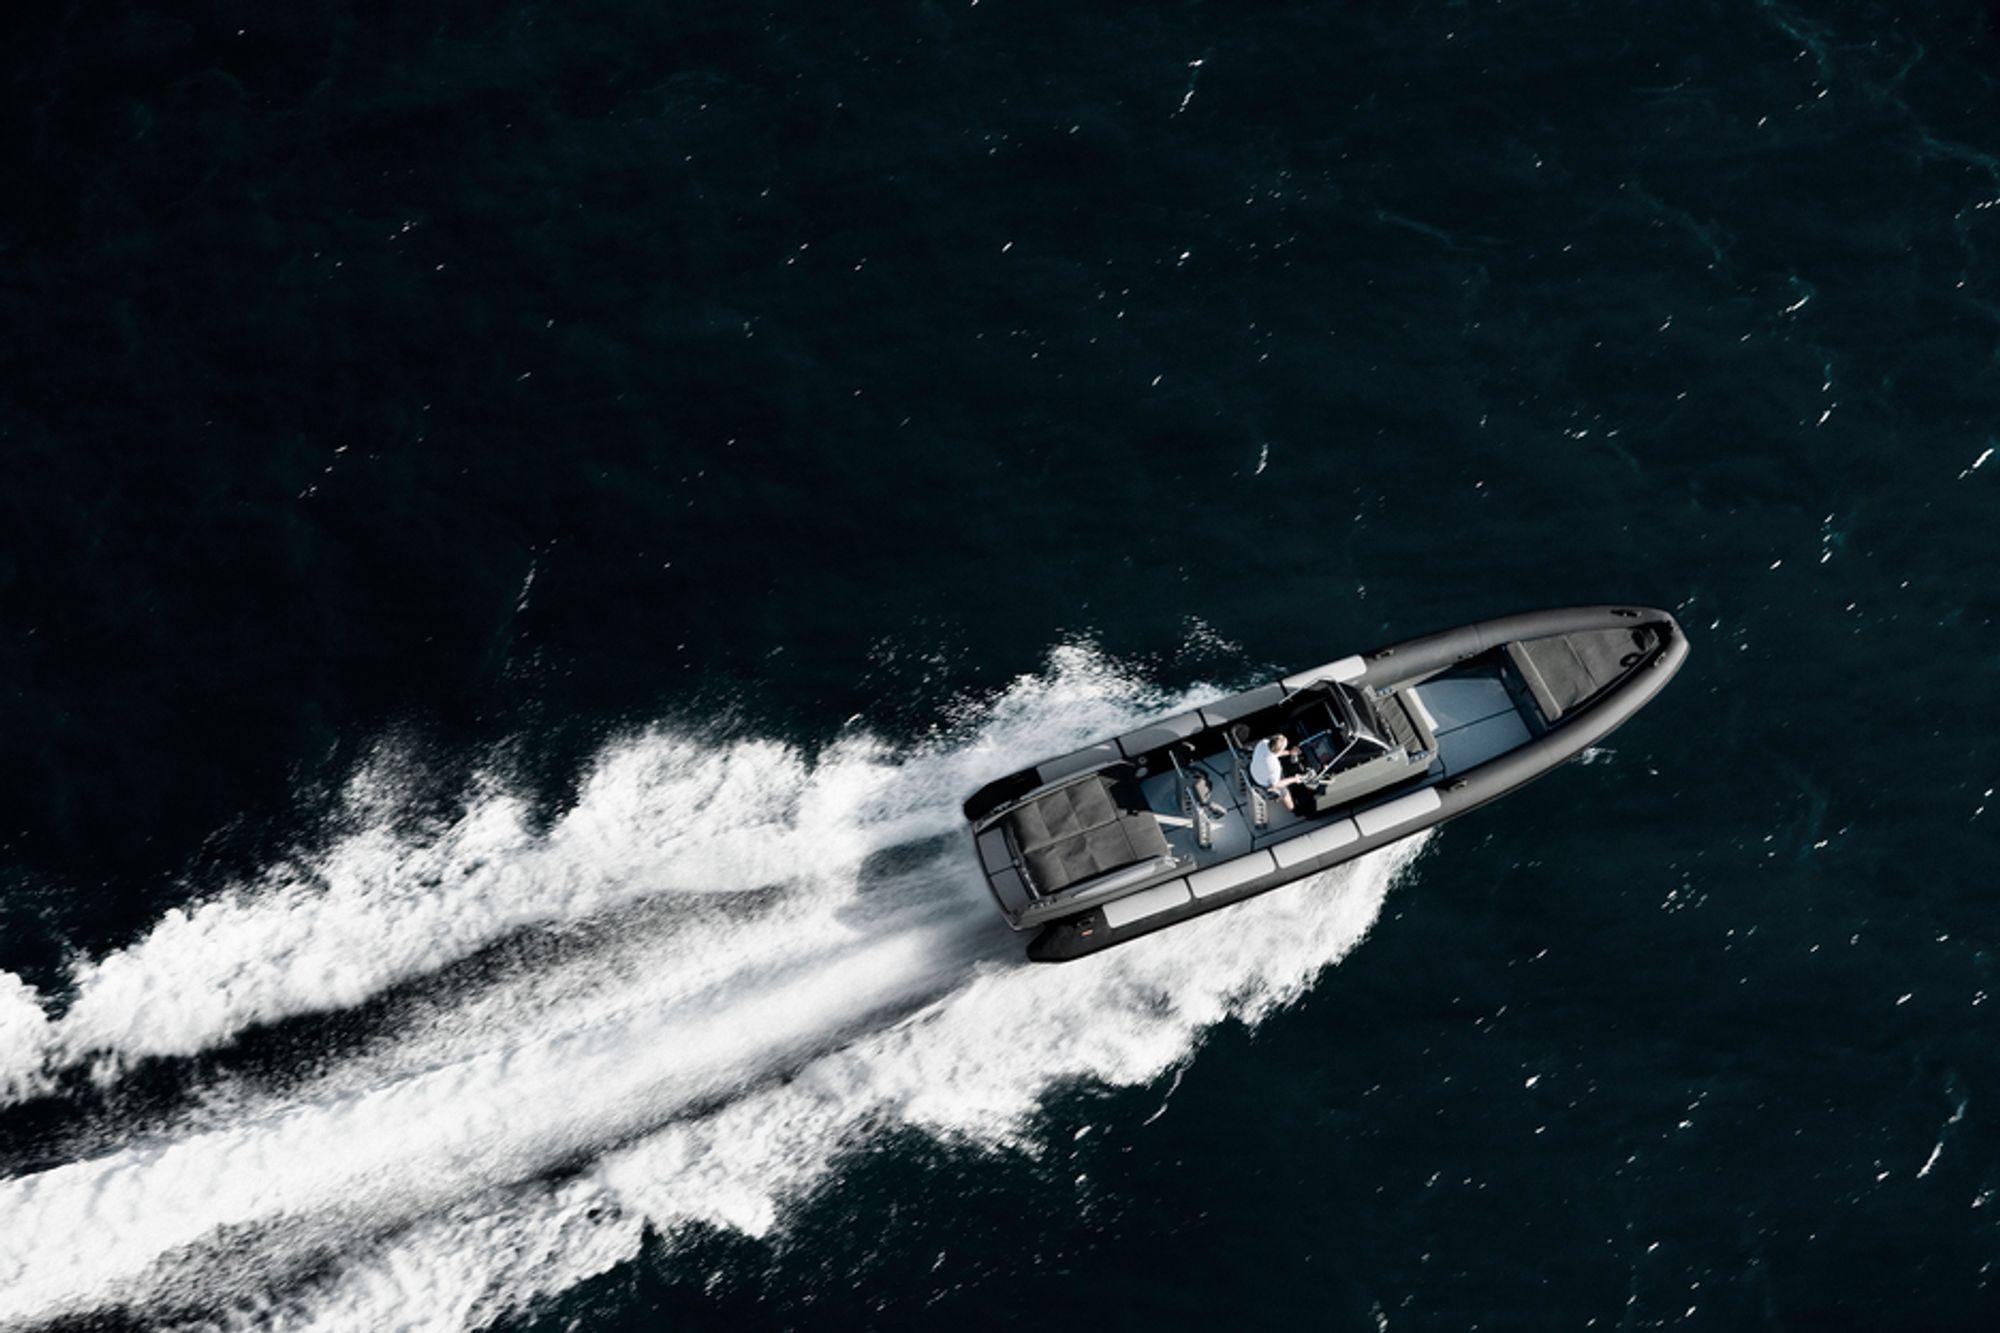 RASK: Goldfish 29 er designet og produsert i Norge. Den er kjent for å være svært rask. Med den raskeste motoren skal båten kunne gå i 80 knop, eller 150 kilometer i timen.